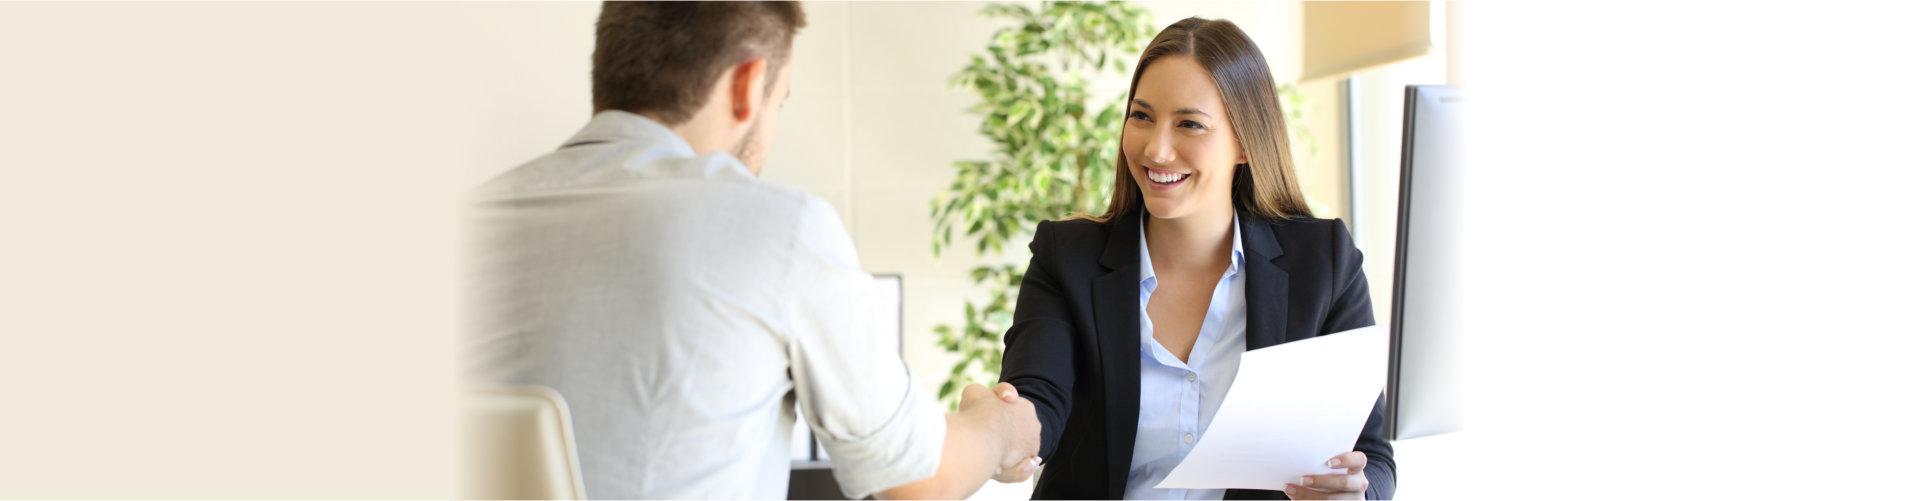 man and woman doing hand shake